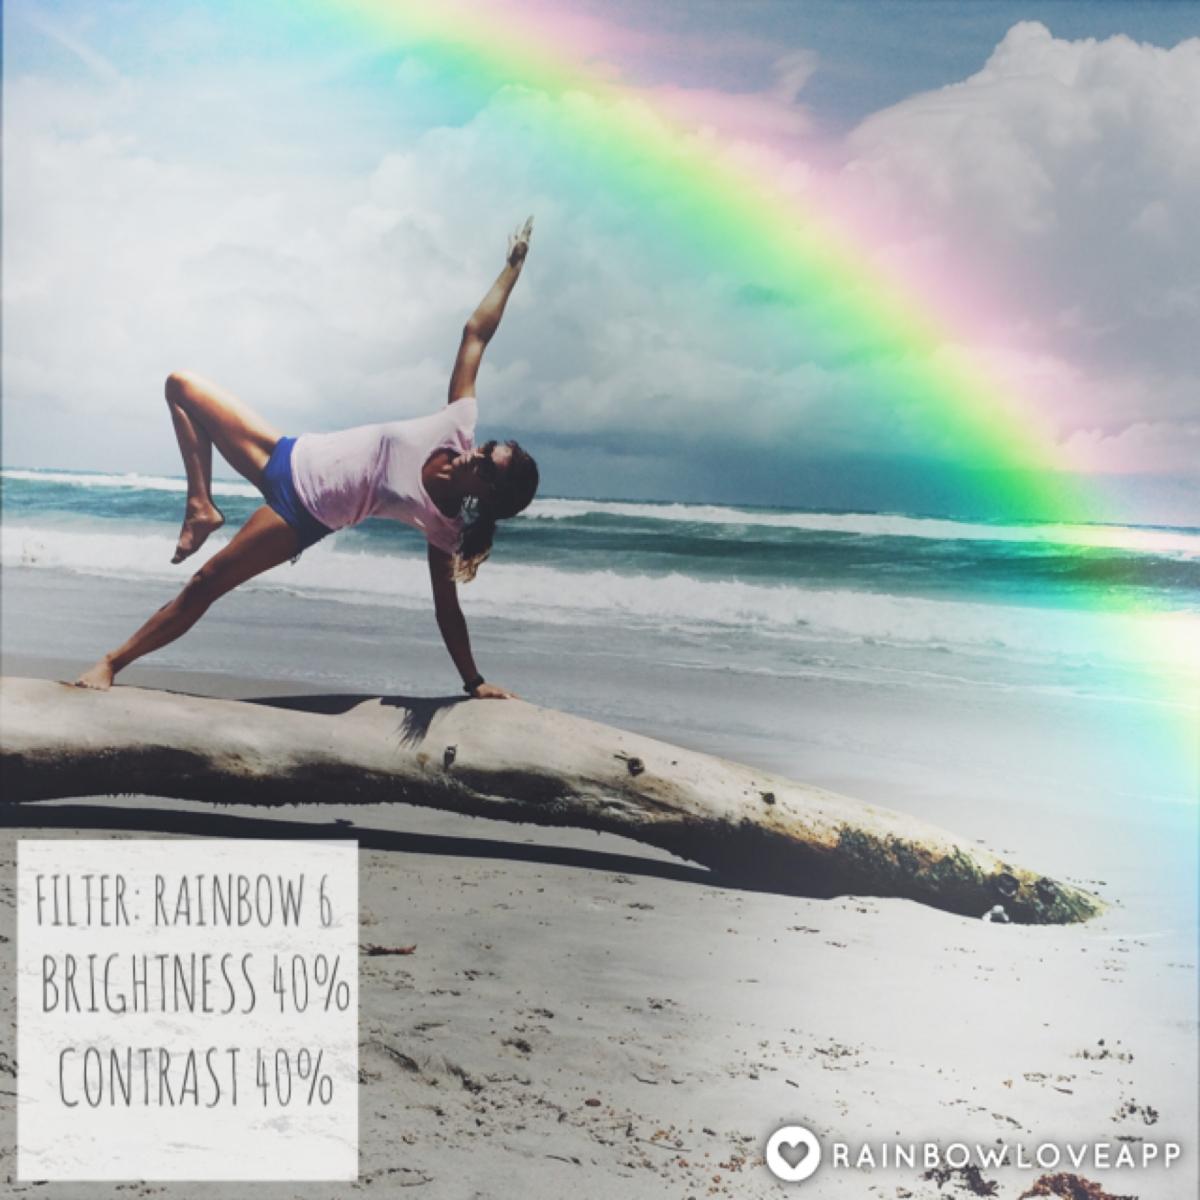 rainbow-love-app-photo-filter-filters-rainbows-for-yoga-photos-2